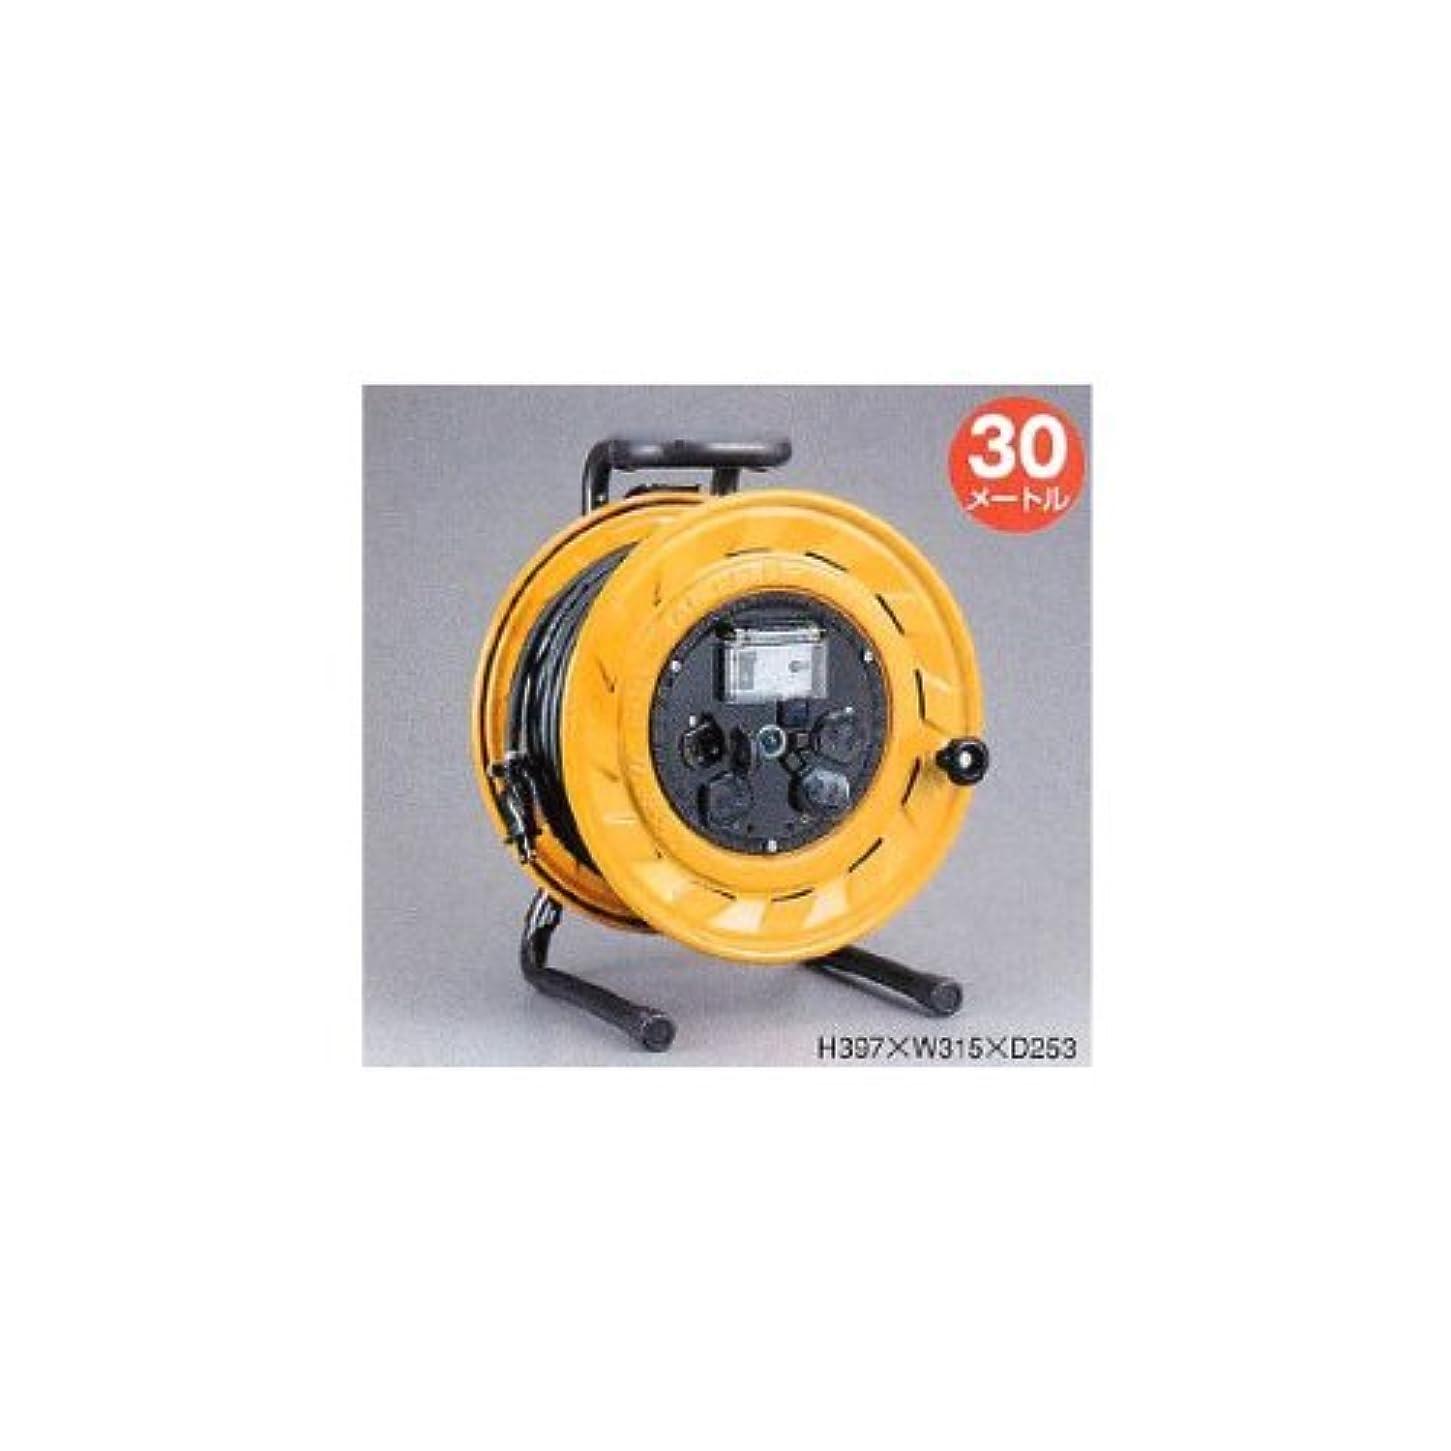 注入国民狂人漏電遮断器付 BR型コードリール 100V型 BS-301【メーカー取寄品】